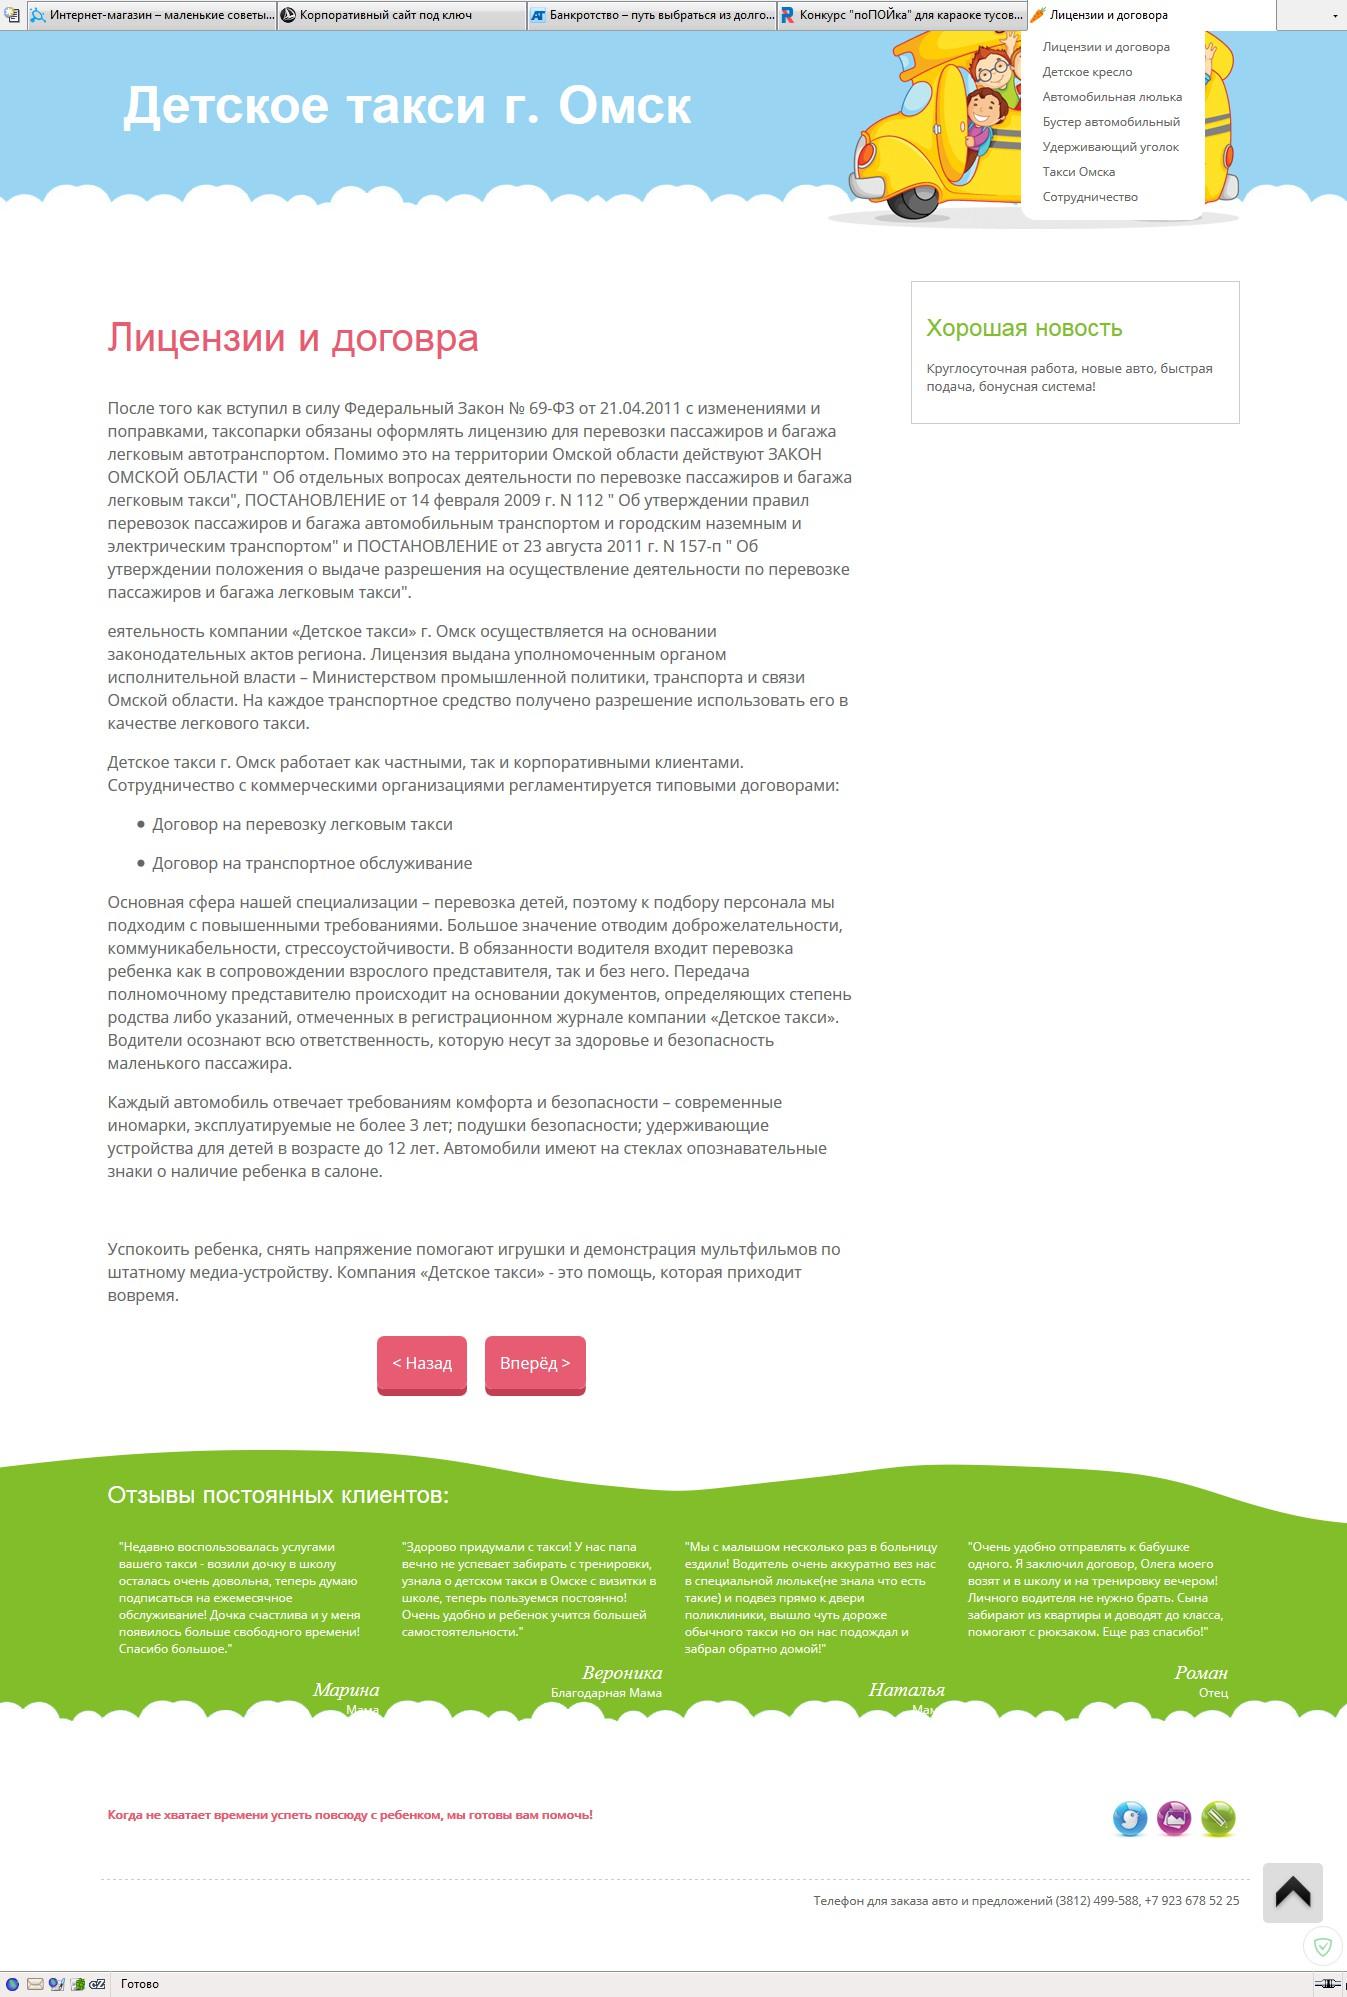 Договор фрилансер создание сайта москва центр удаленной работы